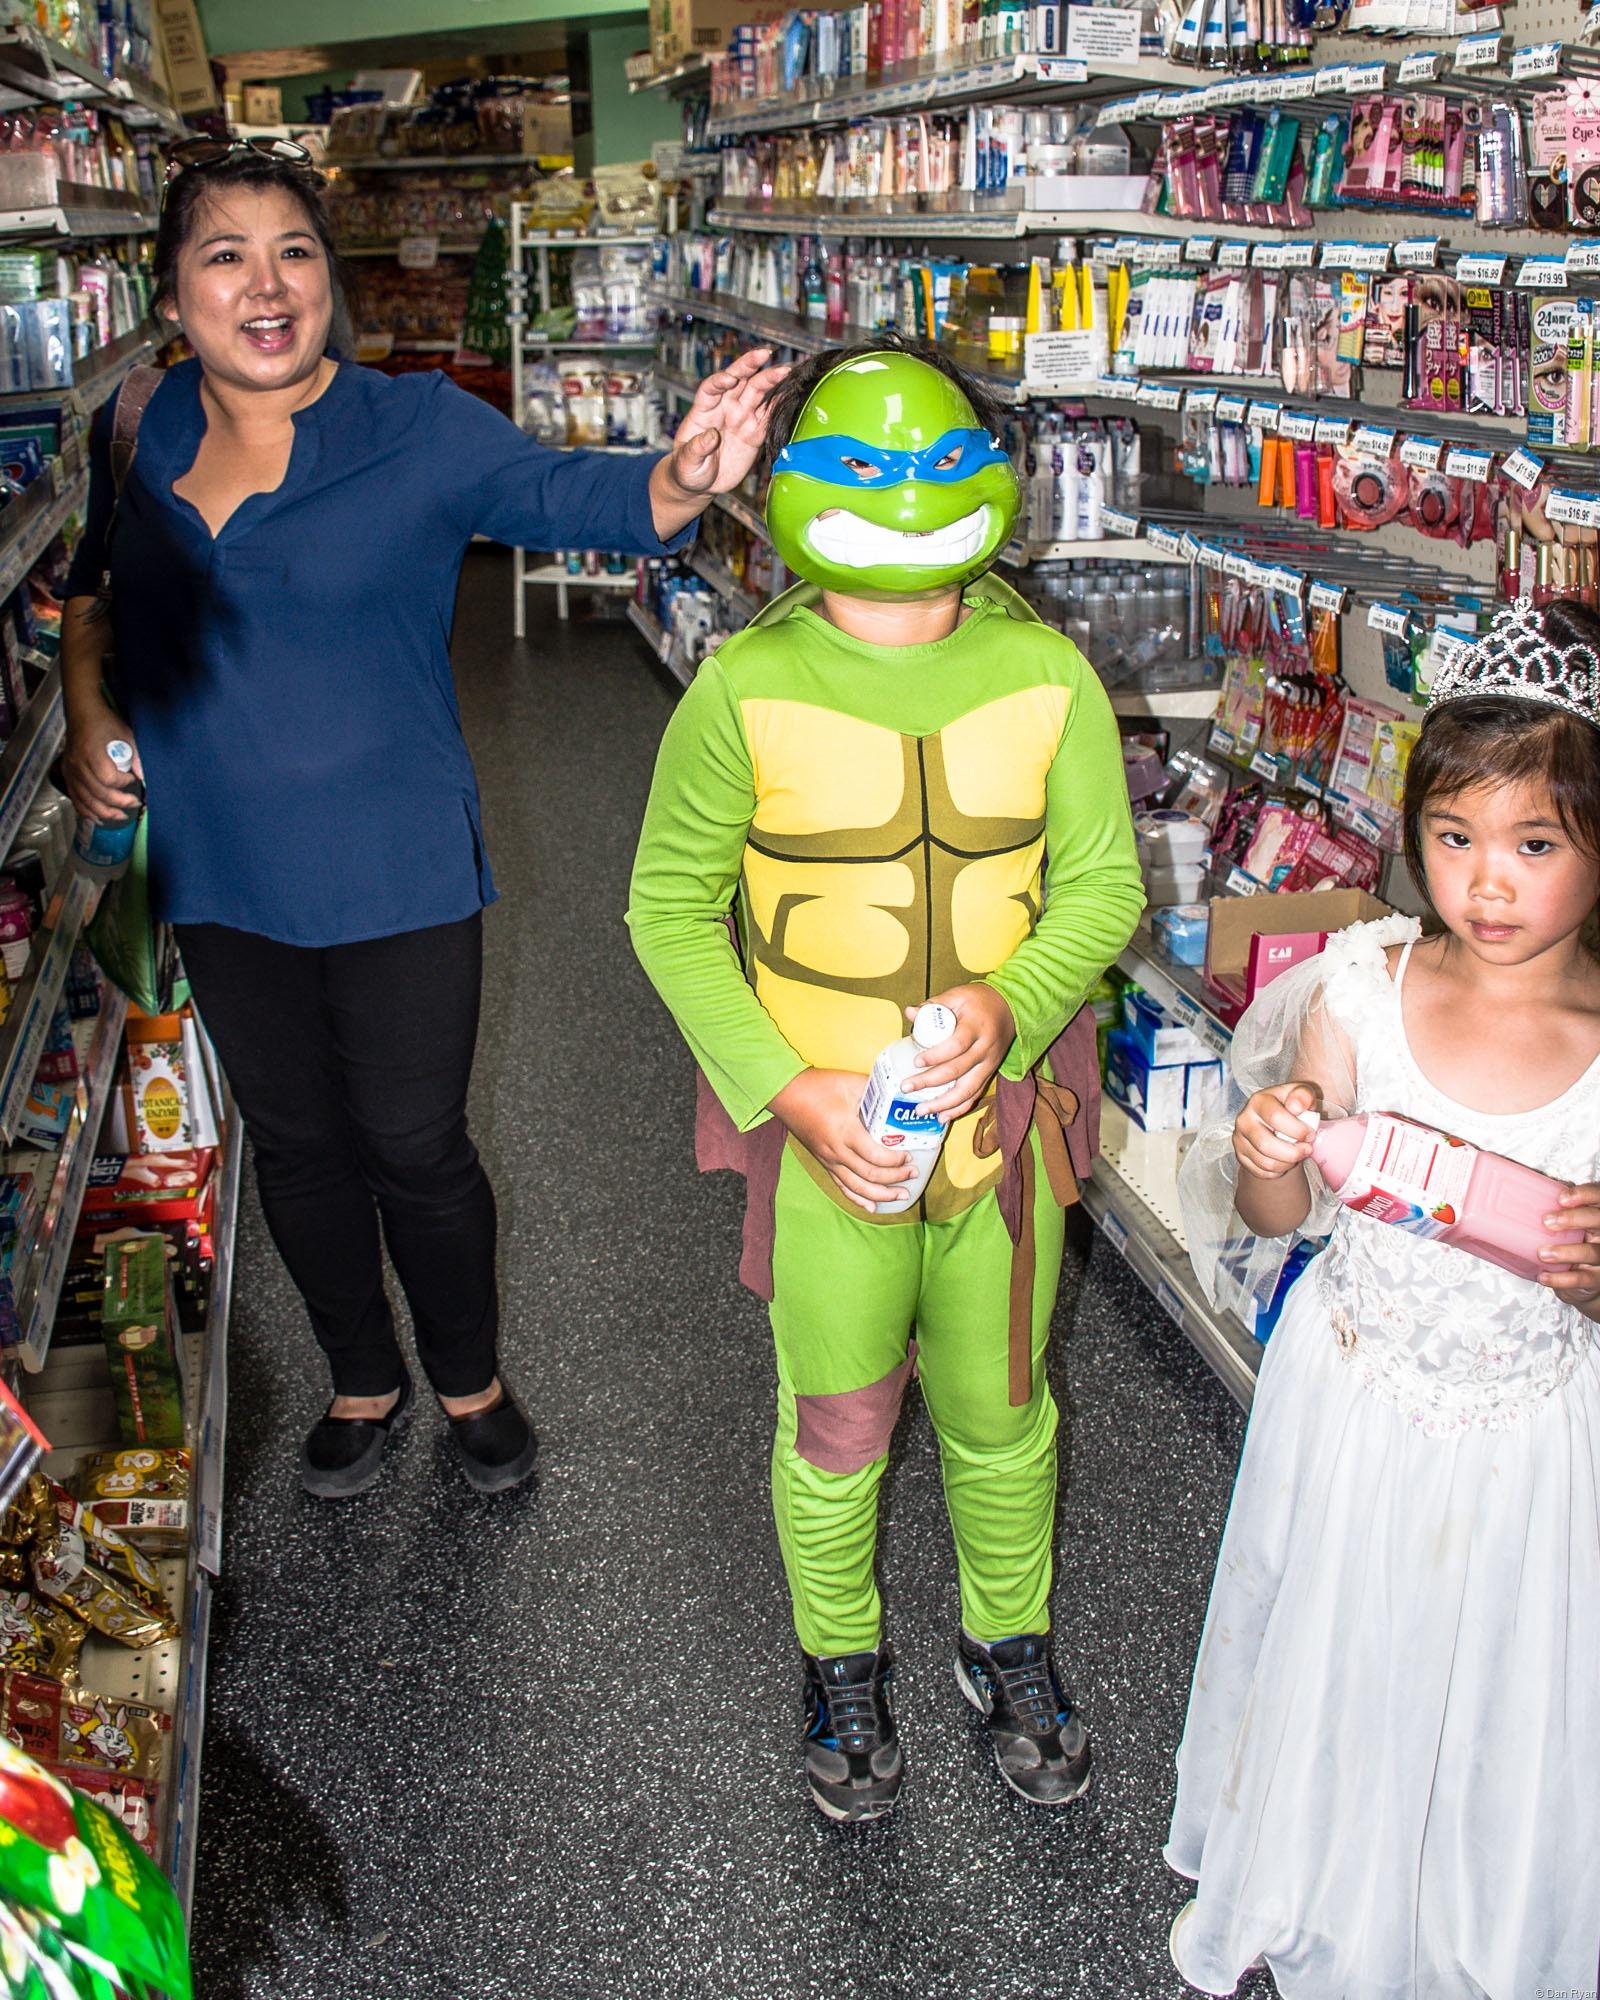 Teenage mutant ninja turtle kid and mom and sister